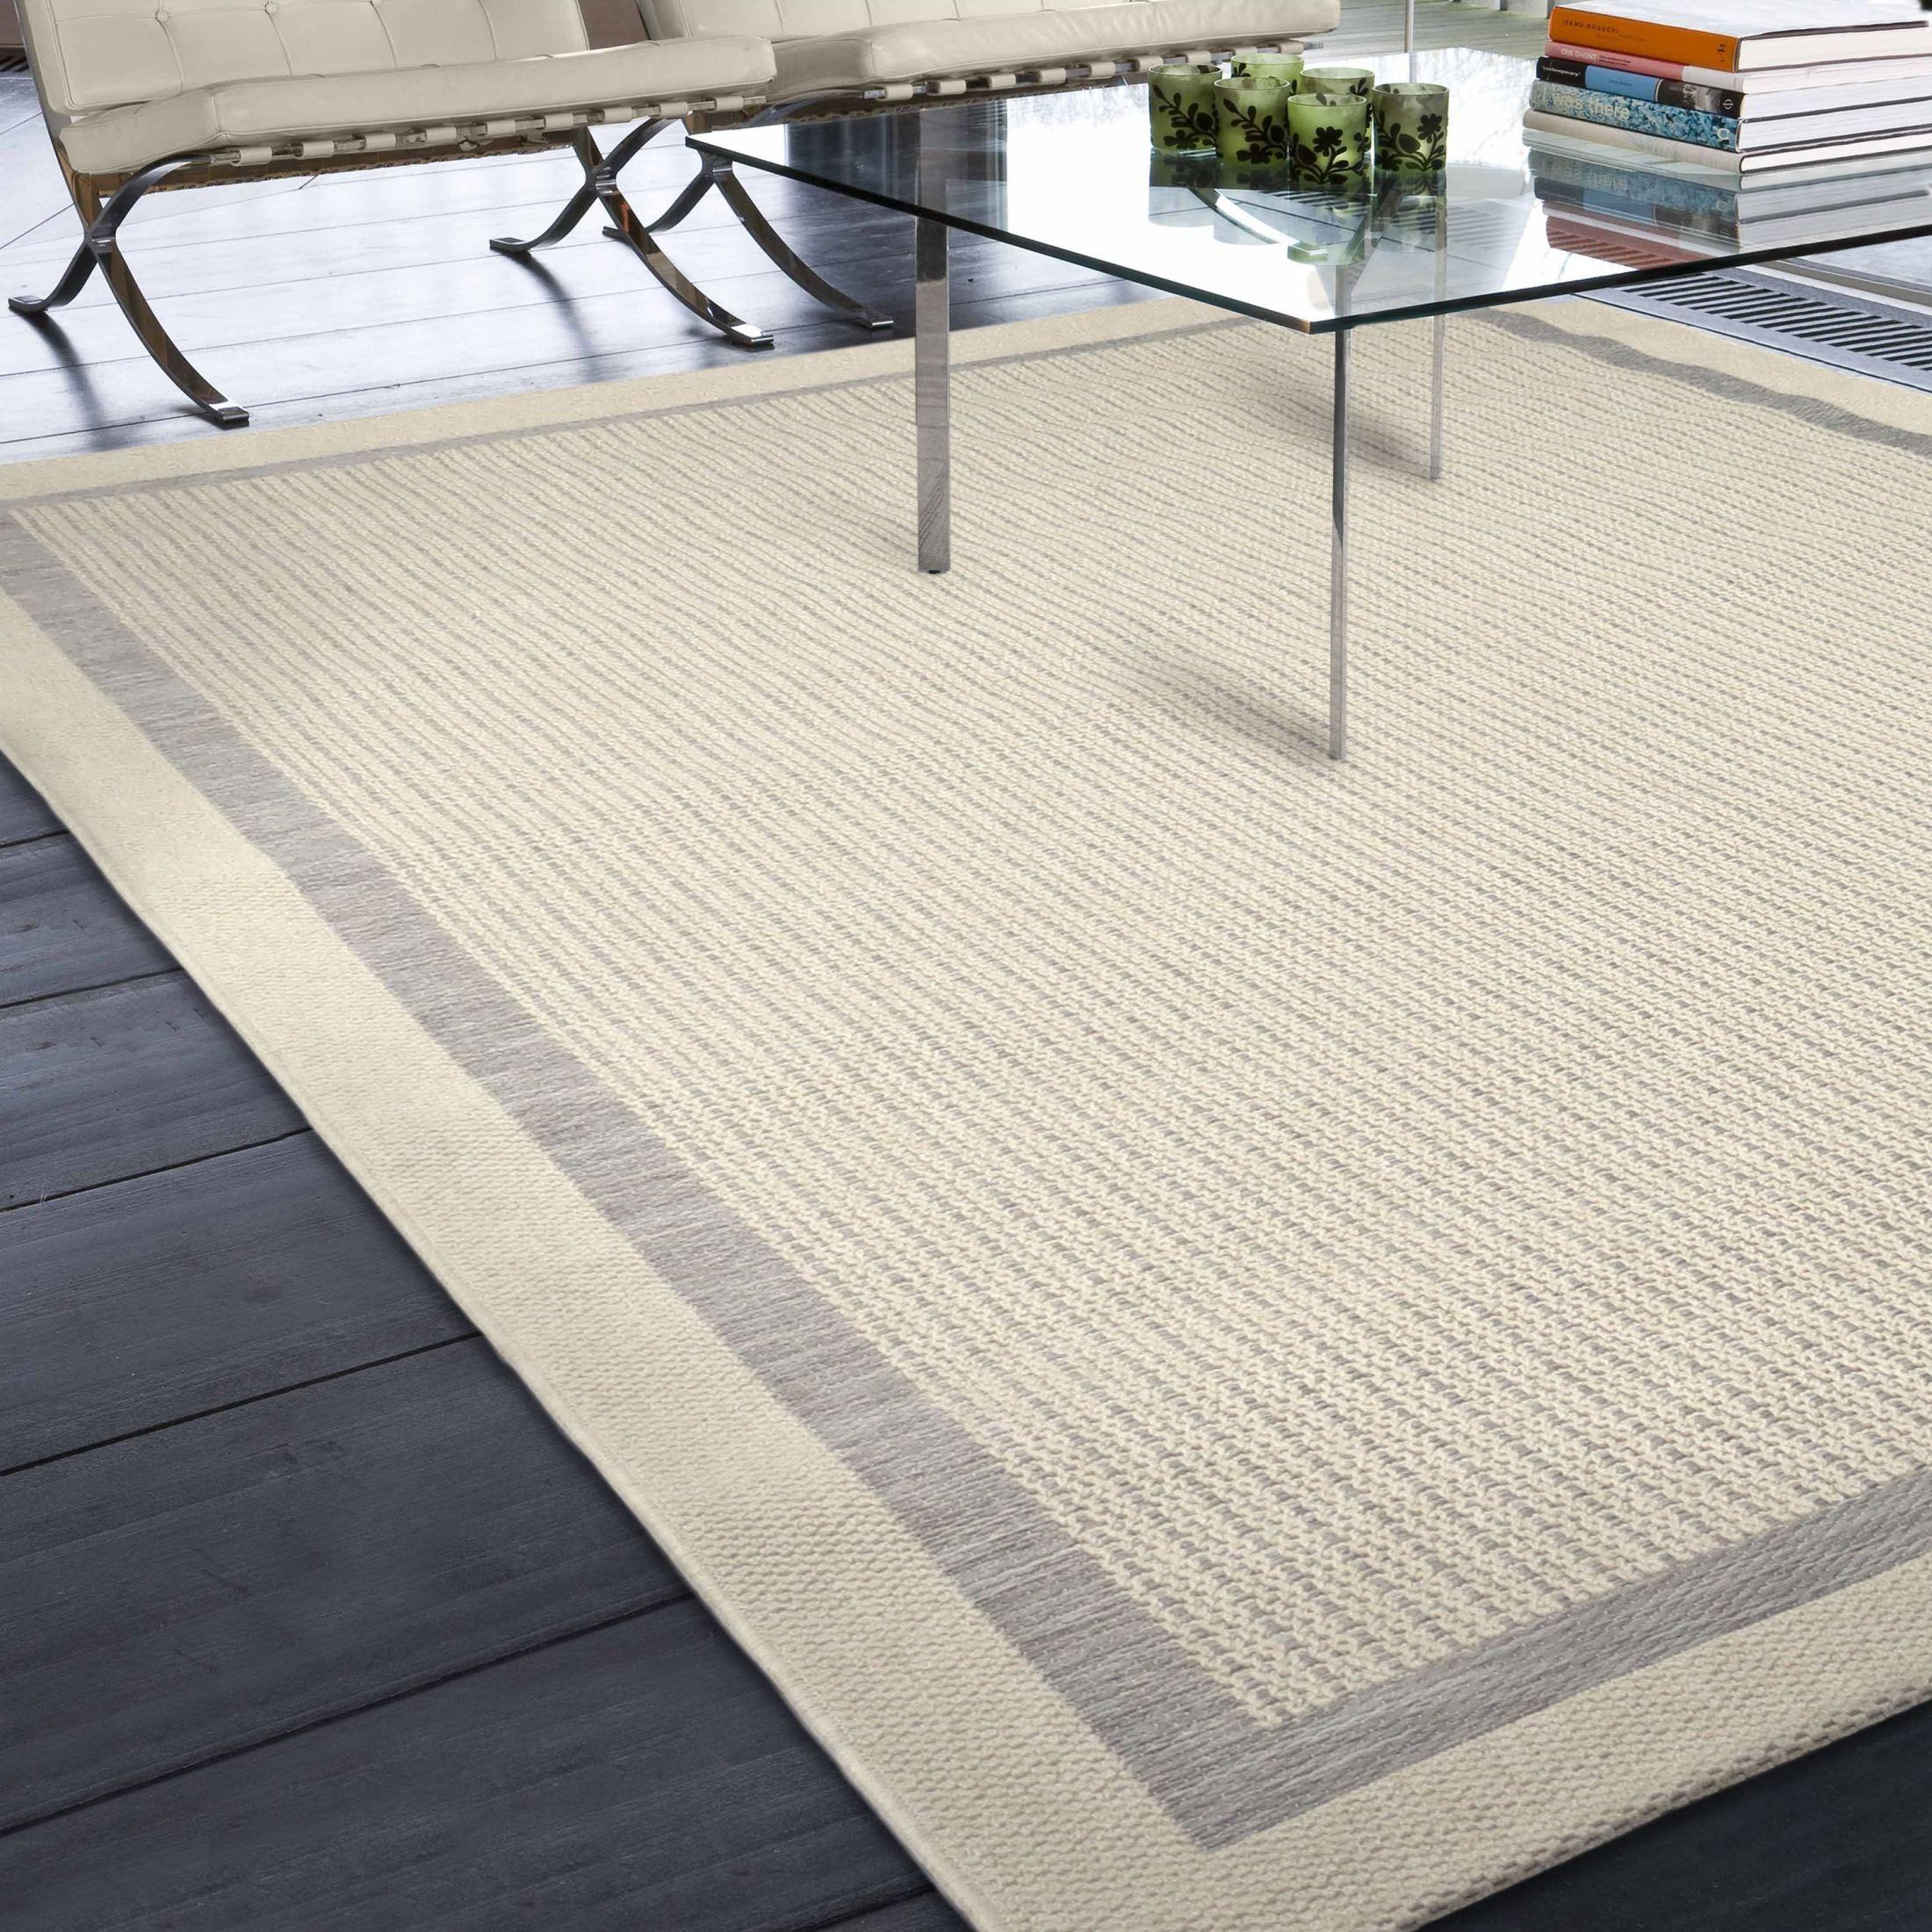 Border Braided Indoor Outdoor Rug: Jersey Home Indoor/Outdoor Border Aviva Gray Large Area